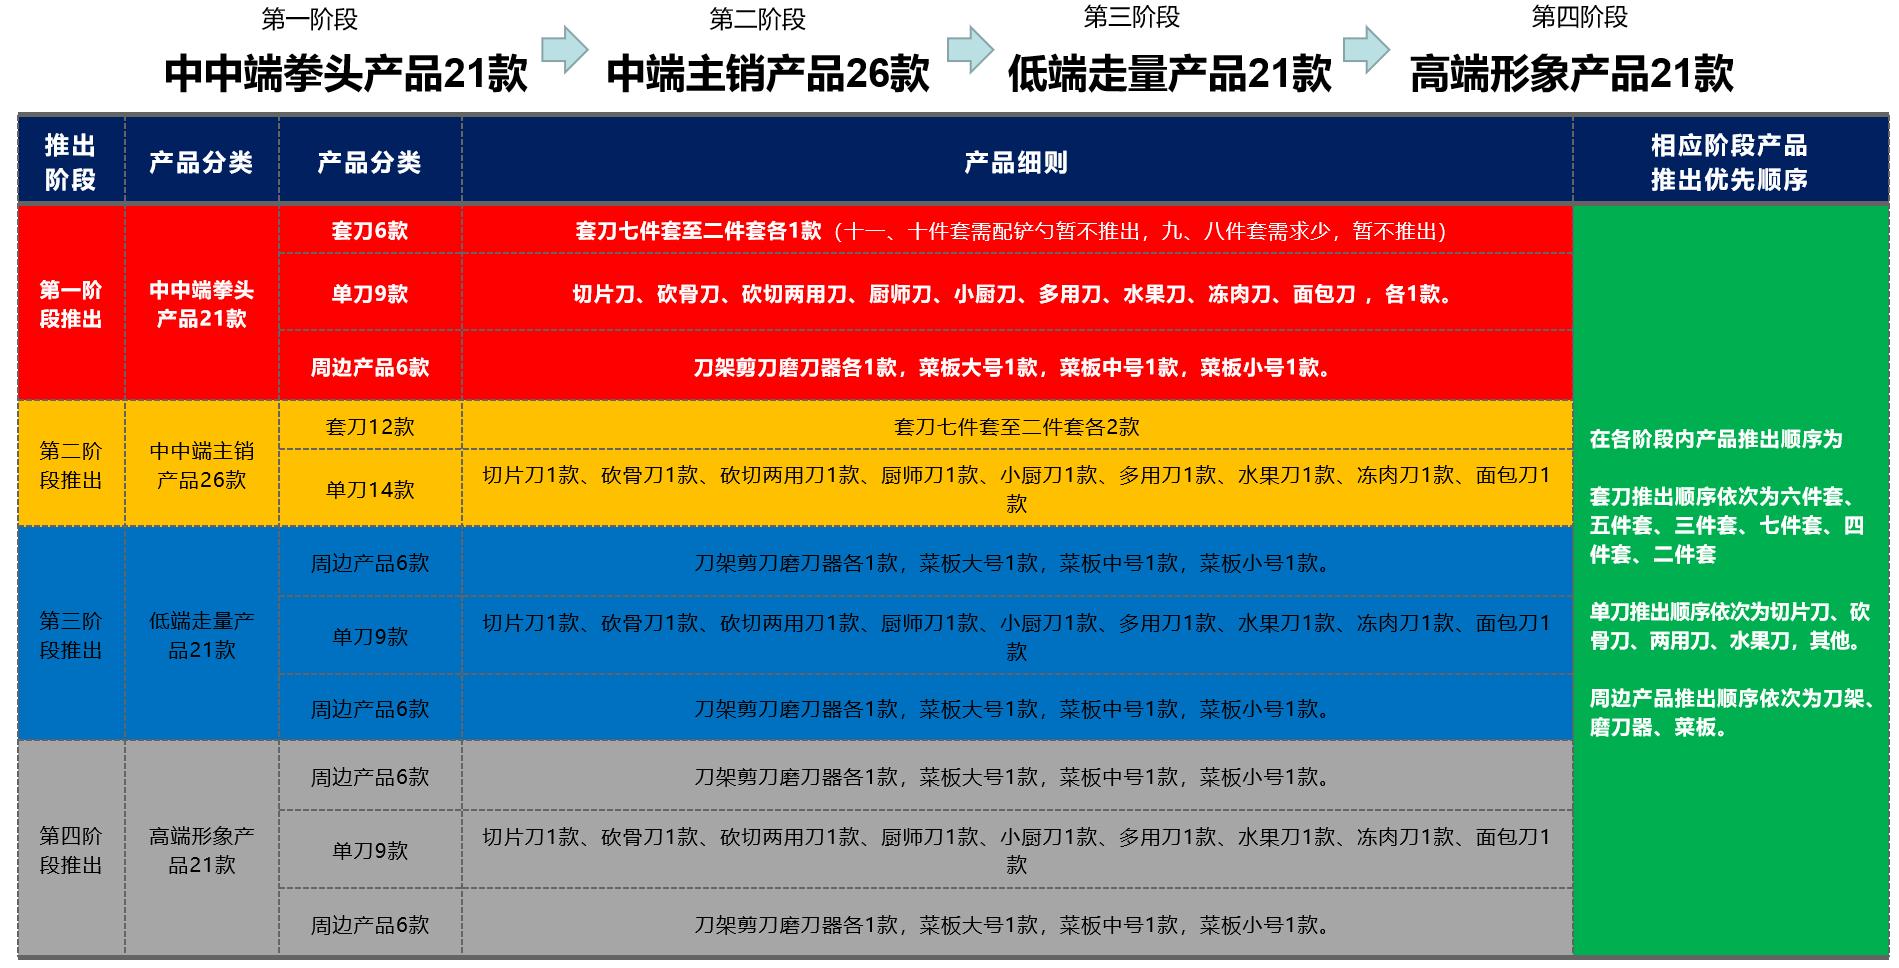 金辉厨刀的新濠天地网站登入创建(图26)